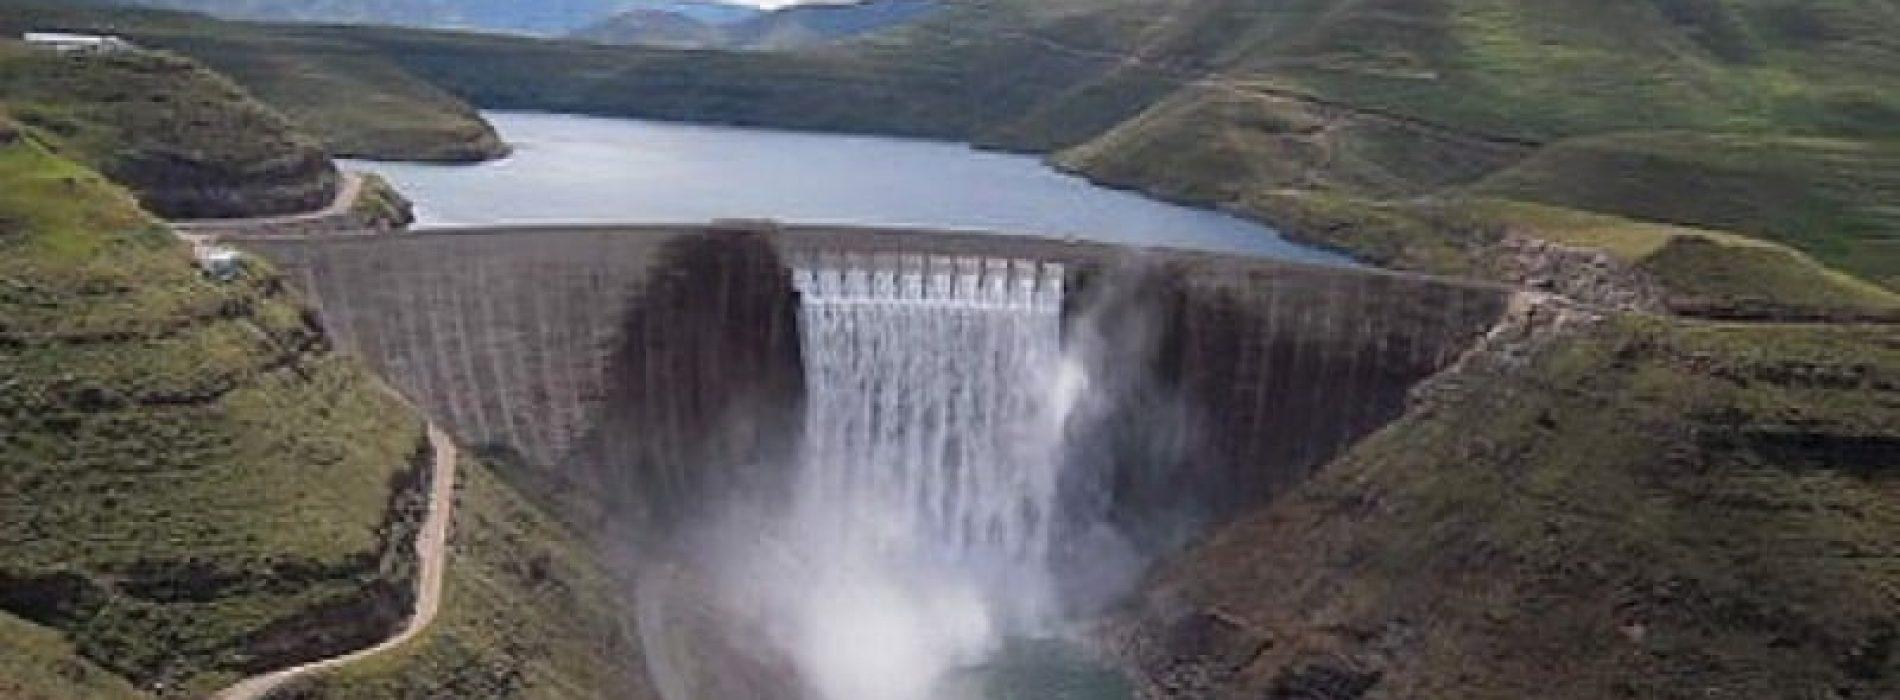 Mozambico: la nuova diga Mphanda Nkuwa sarà commissionata entro il 2030